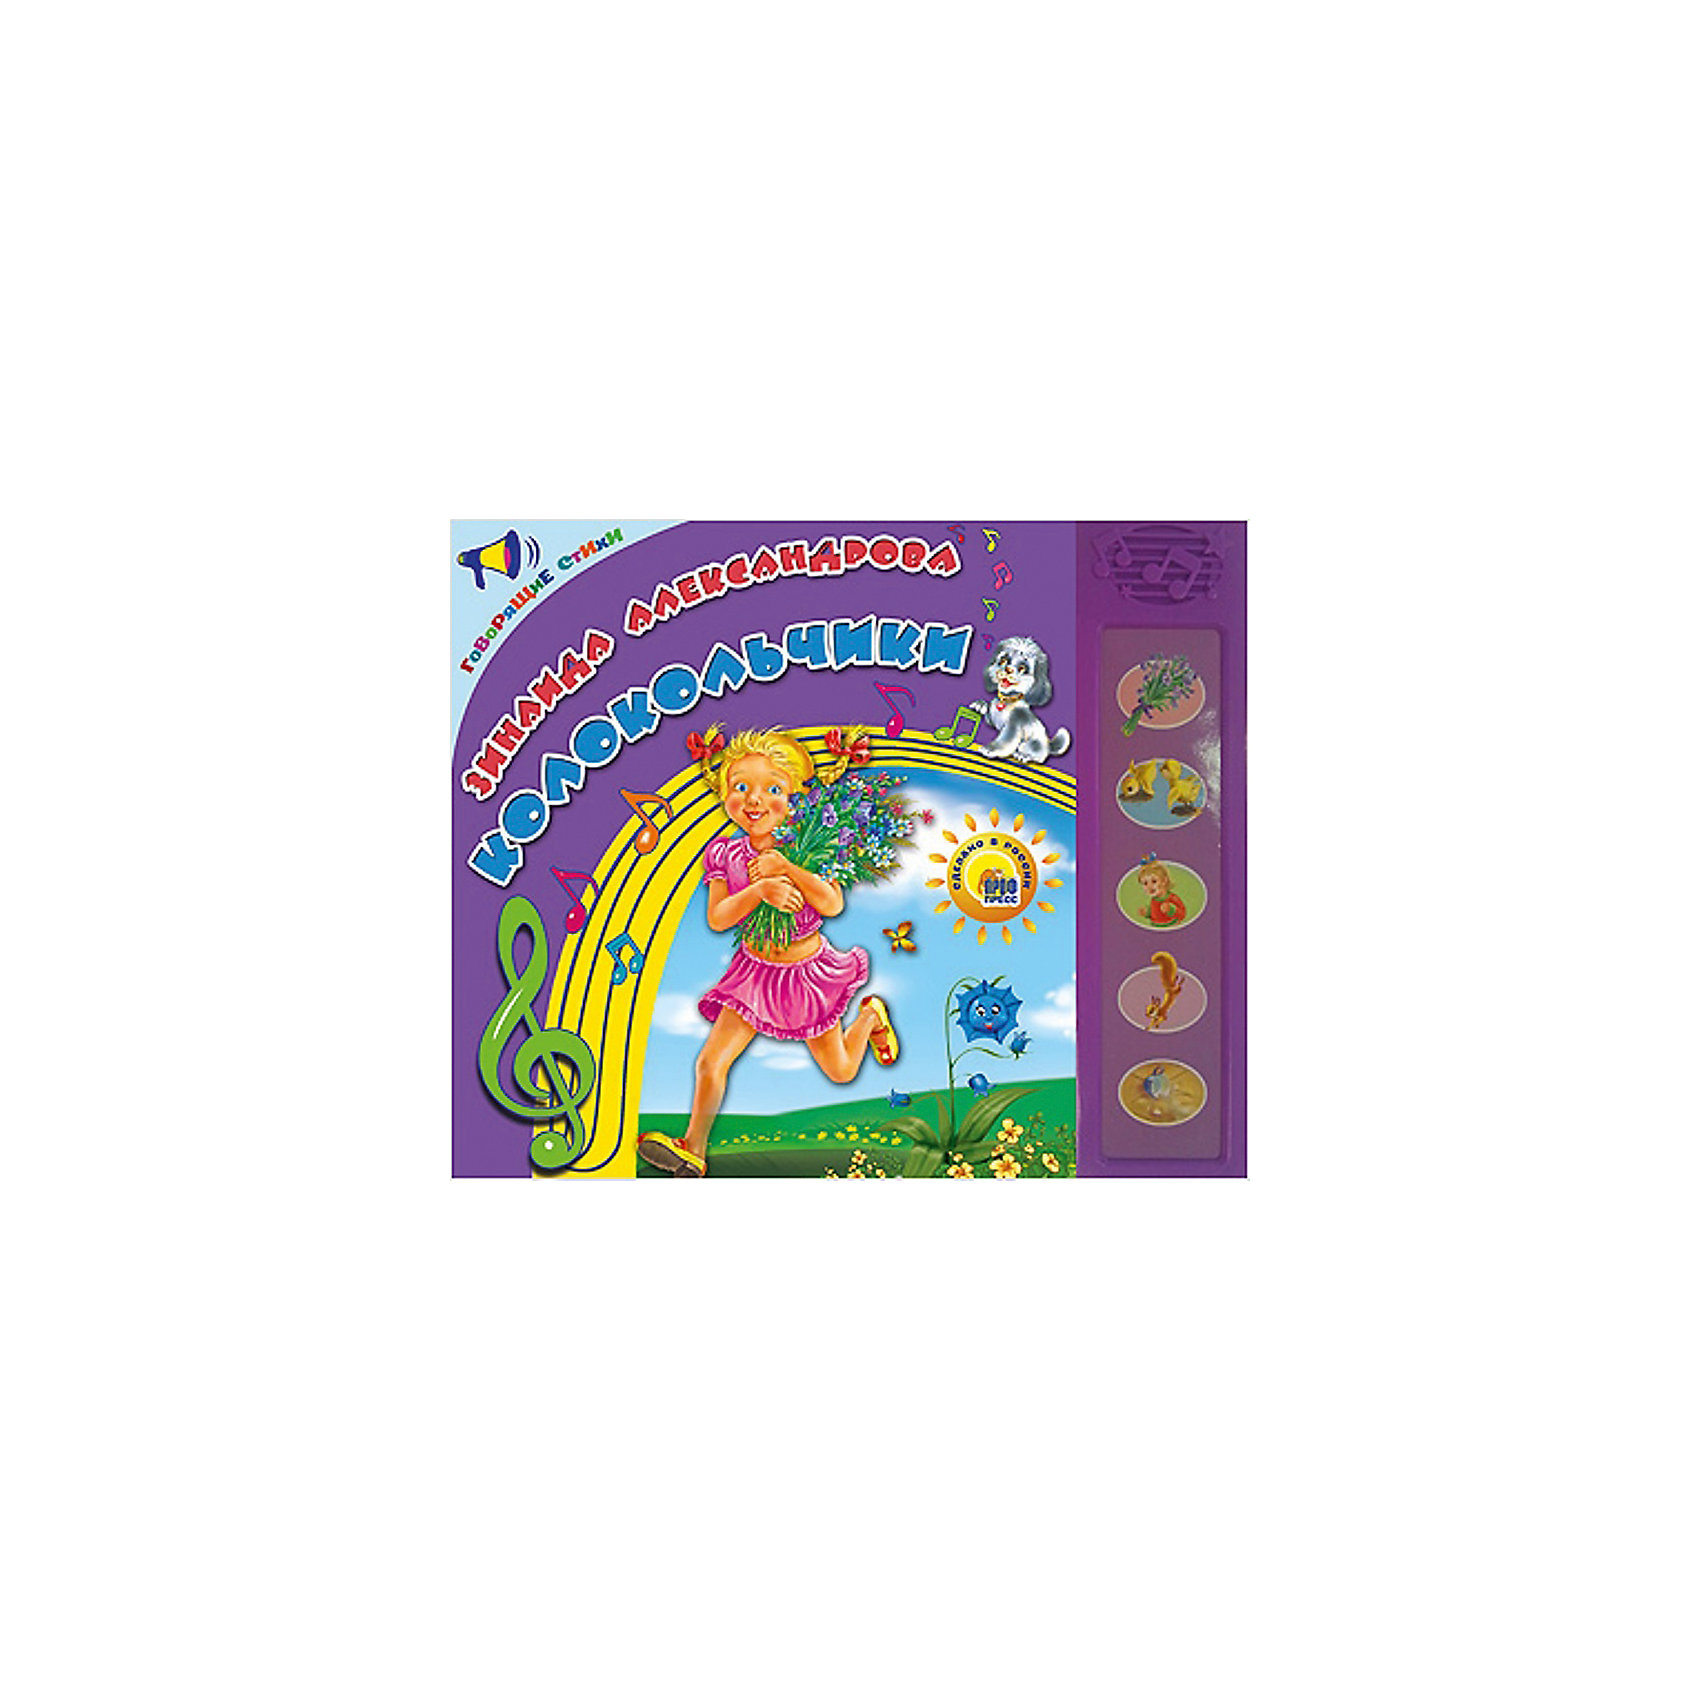 Говорящие стихи Колокольчики, З. АлександроваГоворящие книги<br>В этой серии книг собраны стихи, которые очень нравятся детям. Книги - это лучший подарок не только взрослым, они помогают детям познавать мир и учиться читать, также книги позволяют ребенку весело проводить время. Они также стимулируют развитие воображения, логики и творческого мышления.<br>Это издание сделано специально для самых маленьких - с плотными страничками и кнопками со звуковым модулем, нажав на них, ребенок услышит стихи З. Александровой. Яркие картинки обязательно понравятся малышам! Книга сделана из качественных и безопасных для детей материалов.<br>  <br>Дополнительная информация:<br><br>материал: картон; <br>размер: 17х22 см;<br>вес: 235 г.<br><br>Книгу Говорящие стихи Любимые стихи, З. Александрова от издательства Проф-Пресс можно купить в нашем магазине.<br><br>Ширина мм: 214<br>Глубина мм: 15<br>Высота мм: 175<br>Вес г: 235<br>Возраст от месяцев: 0<br>Возраст до месяцев: 60<br>Пол: Унисекс<br>Возраст: Детский<br>SKU: 4787275